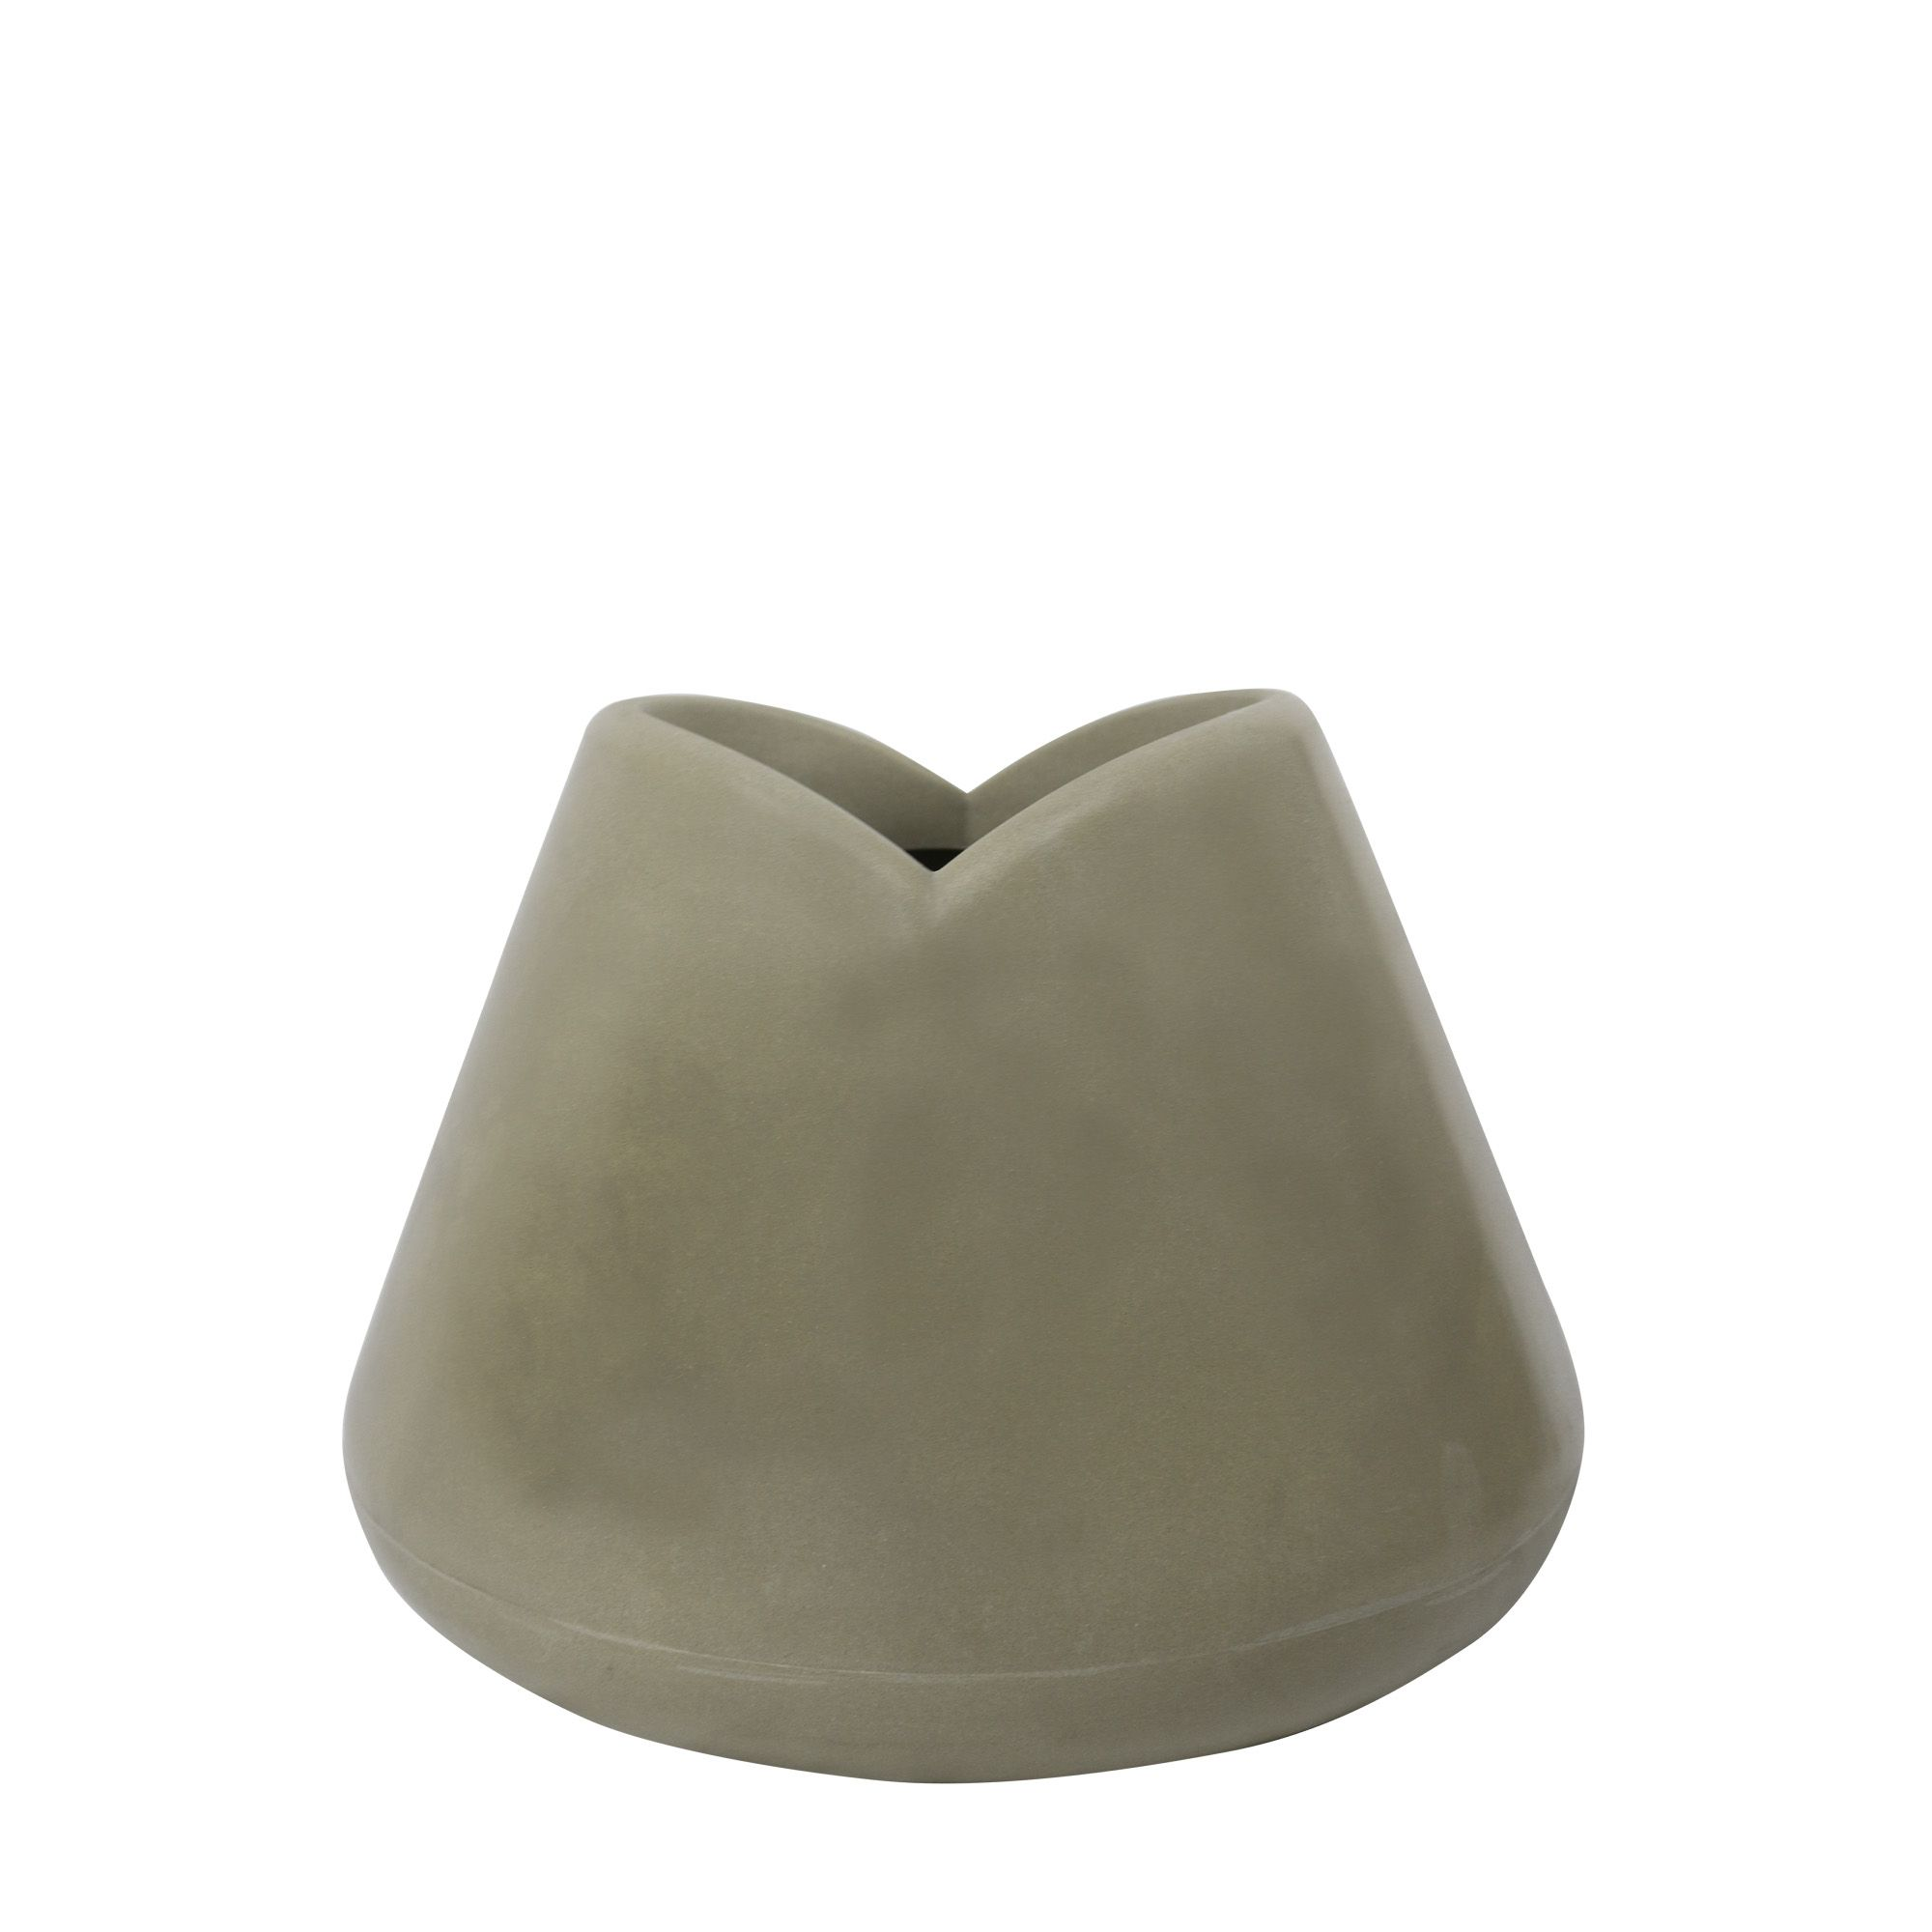 Vaso Tulipa 26 / 49 x 40 cm - VASART